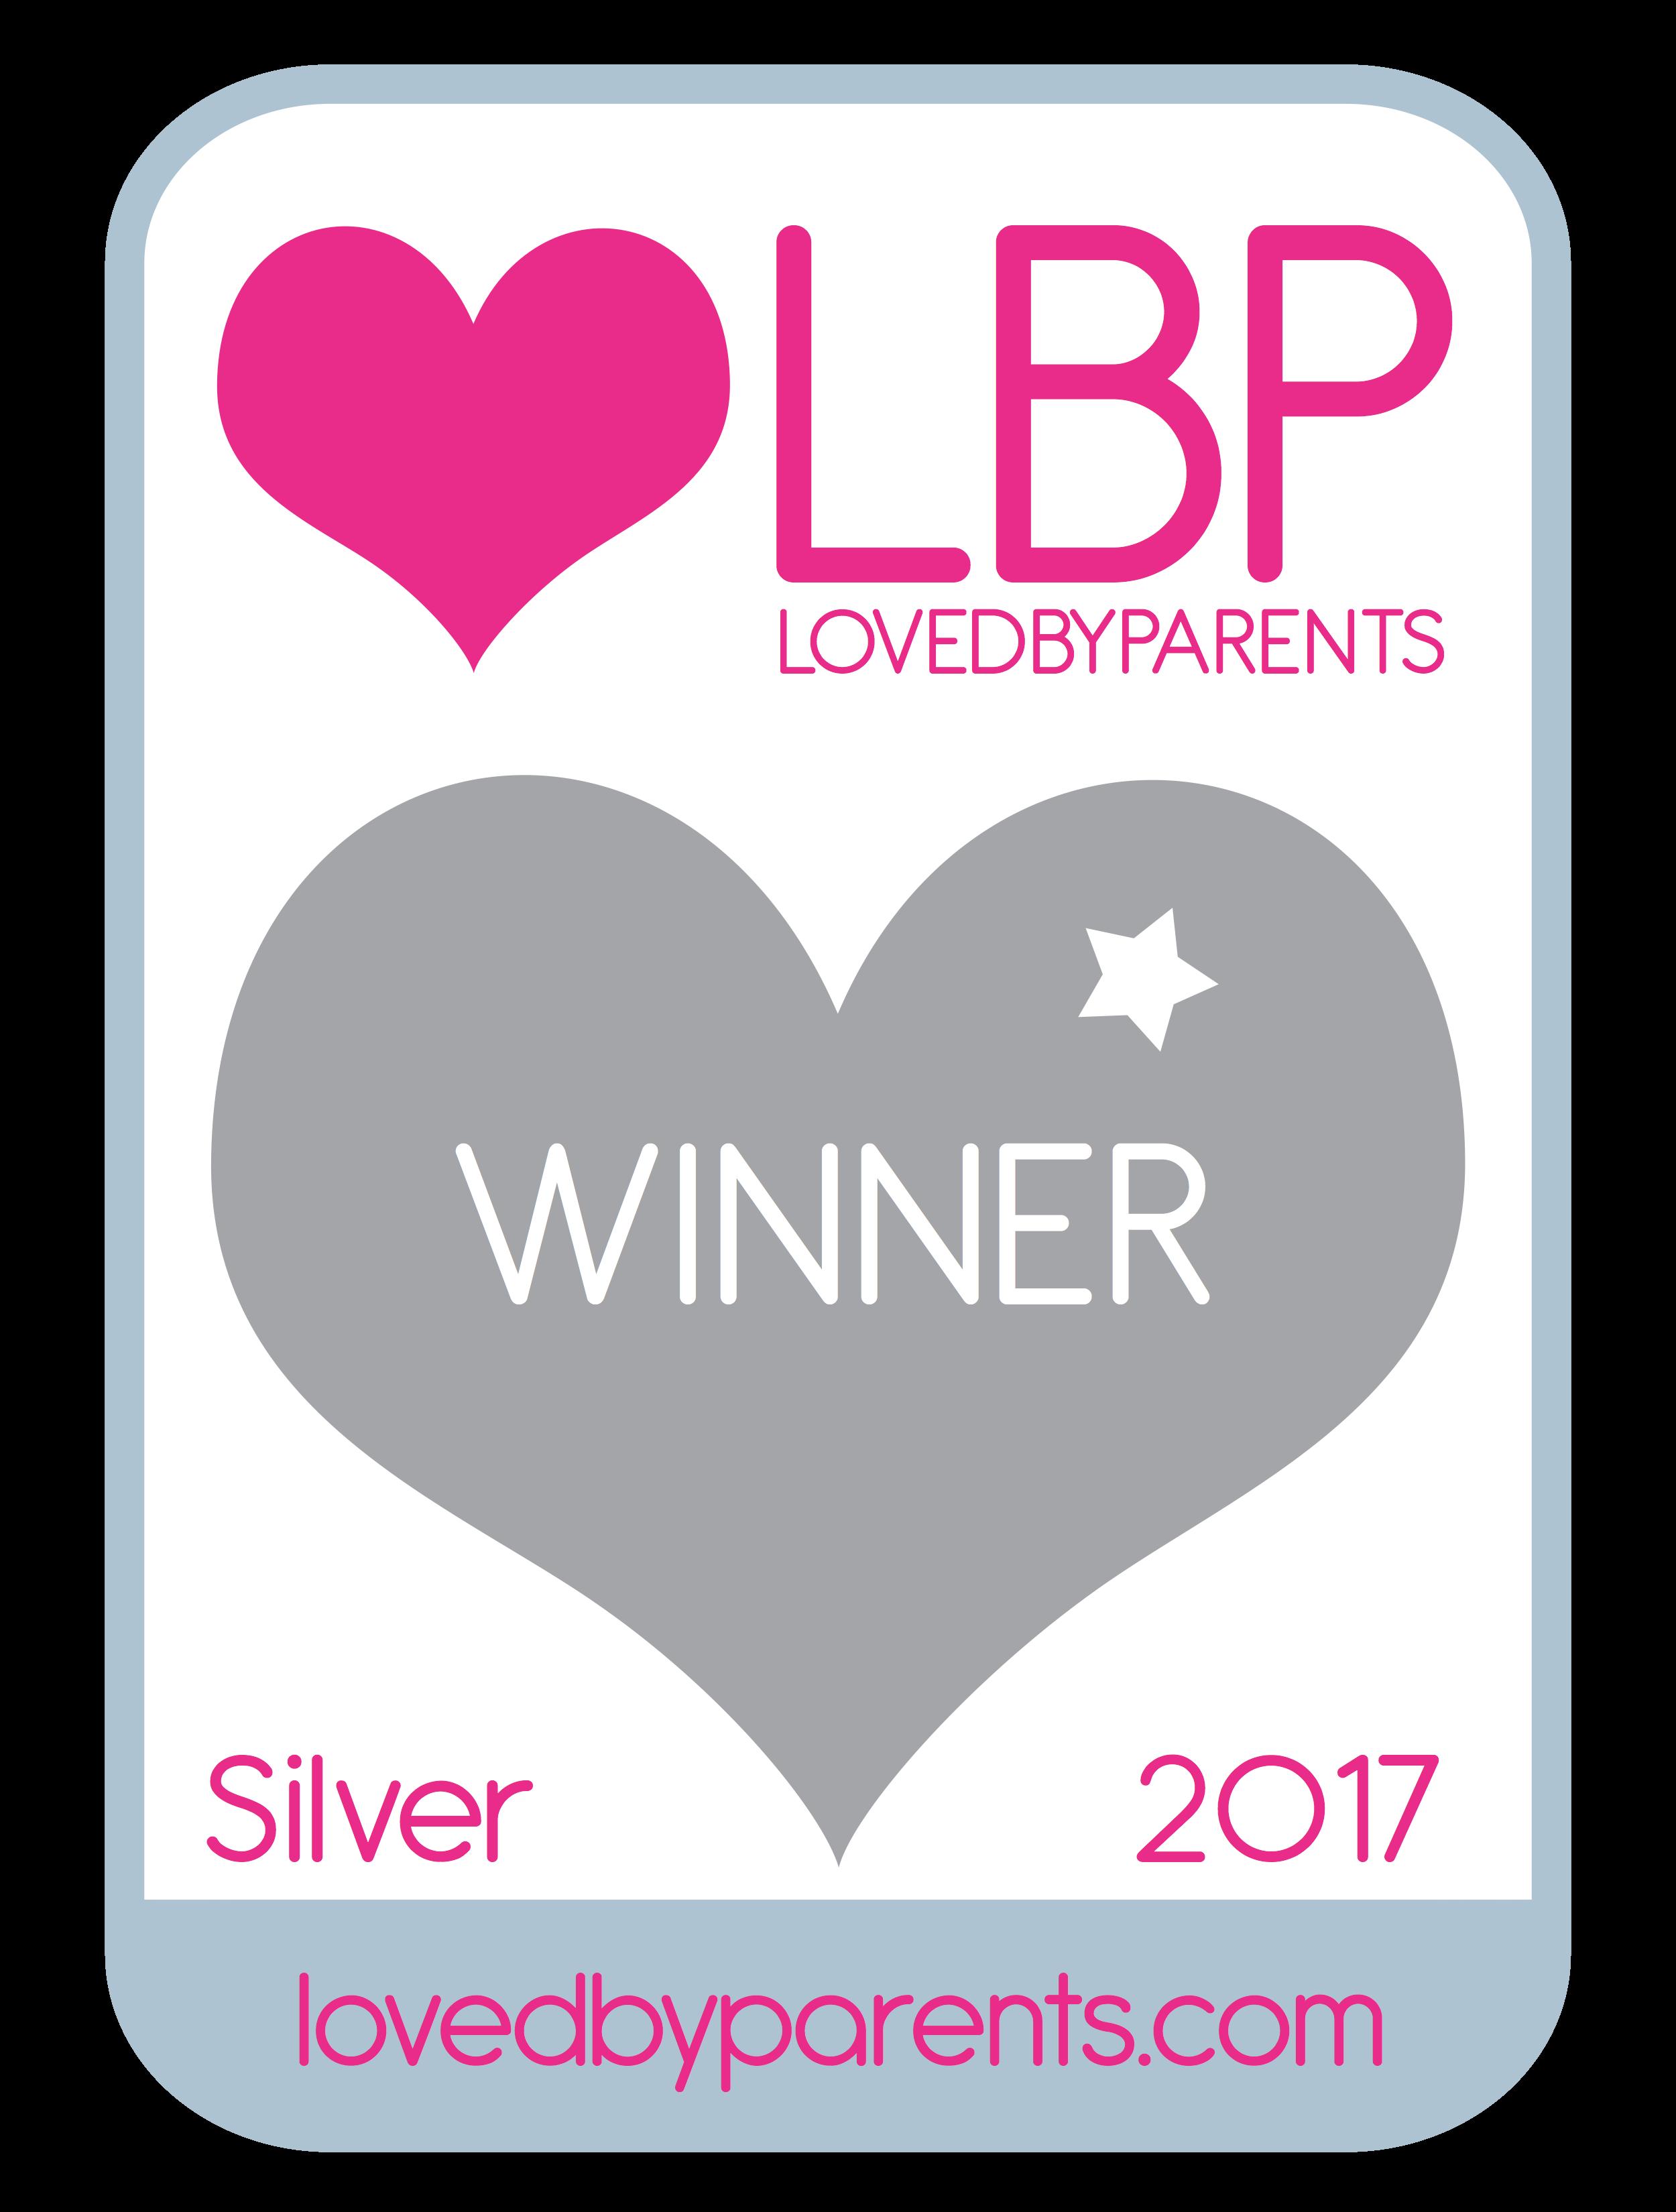 lbp-award-2017-silver-web-.png